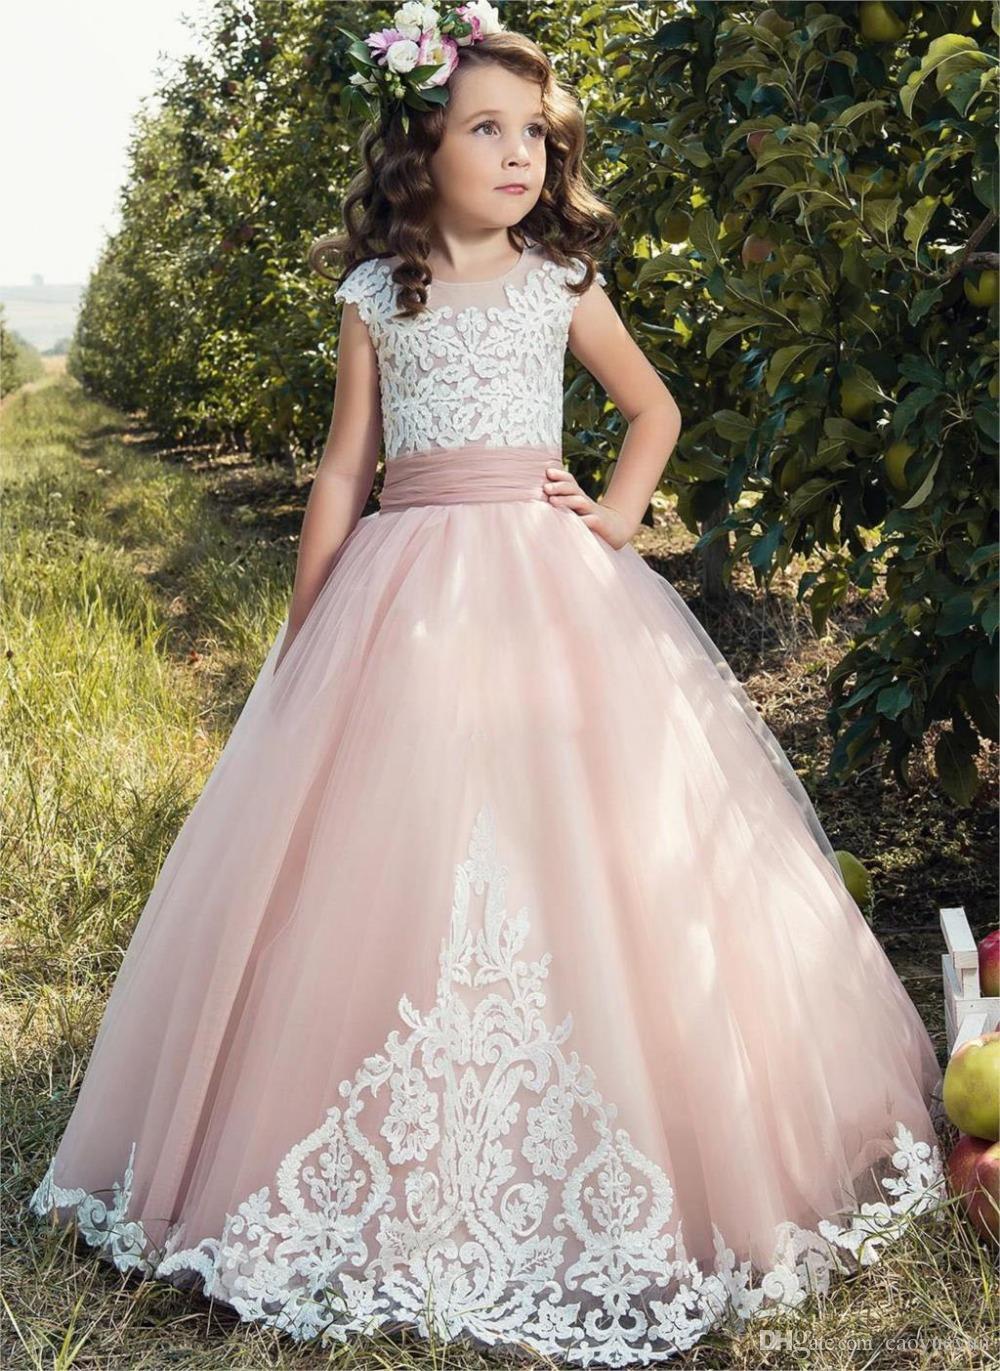 2019 ragazza abiti fiore matrimoni tulle rosa di Applique del manicotto della protezione dei bambini di sfera arco prima comunione vestito da spettacolo Abiti